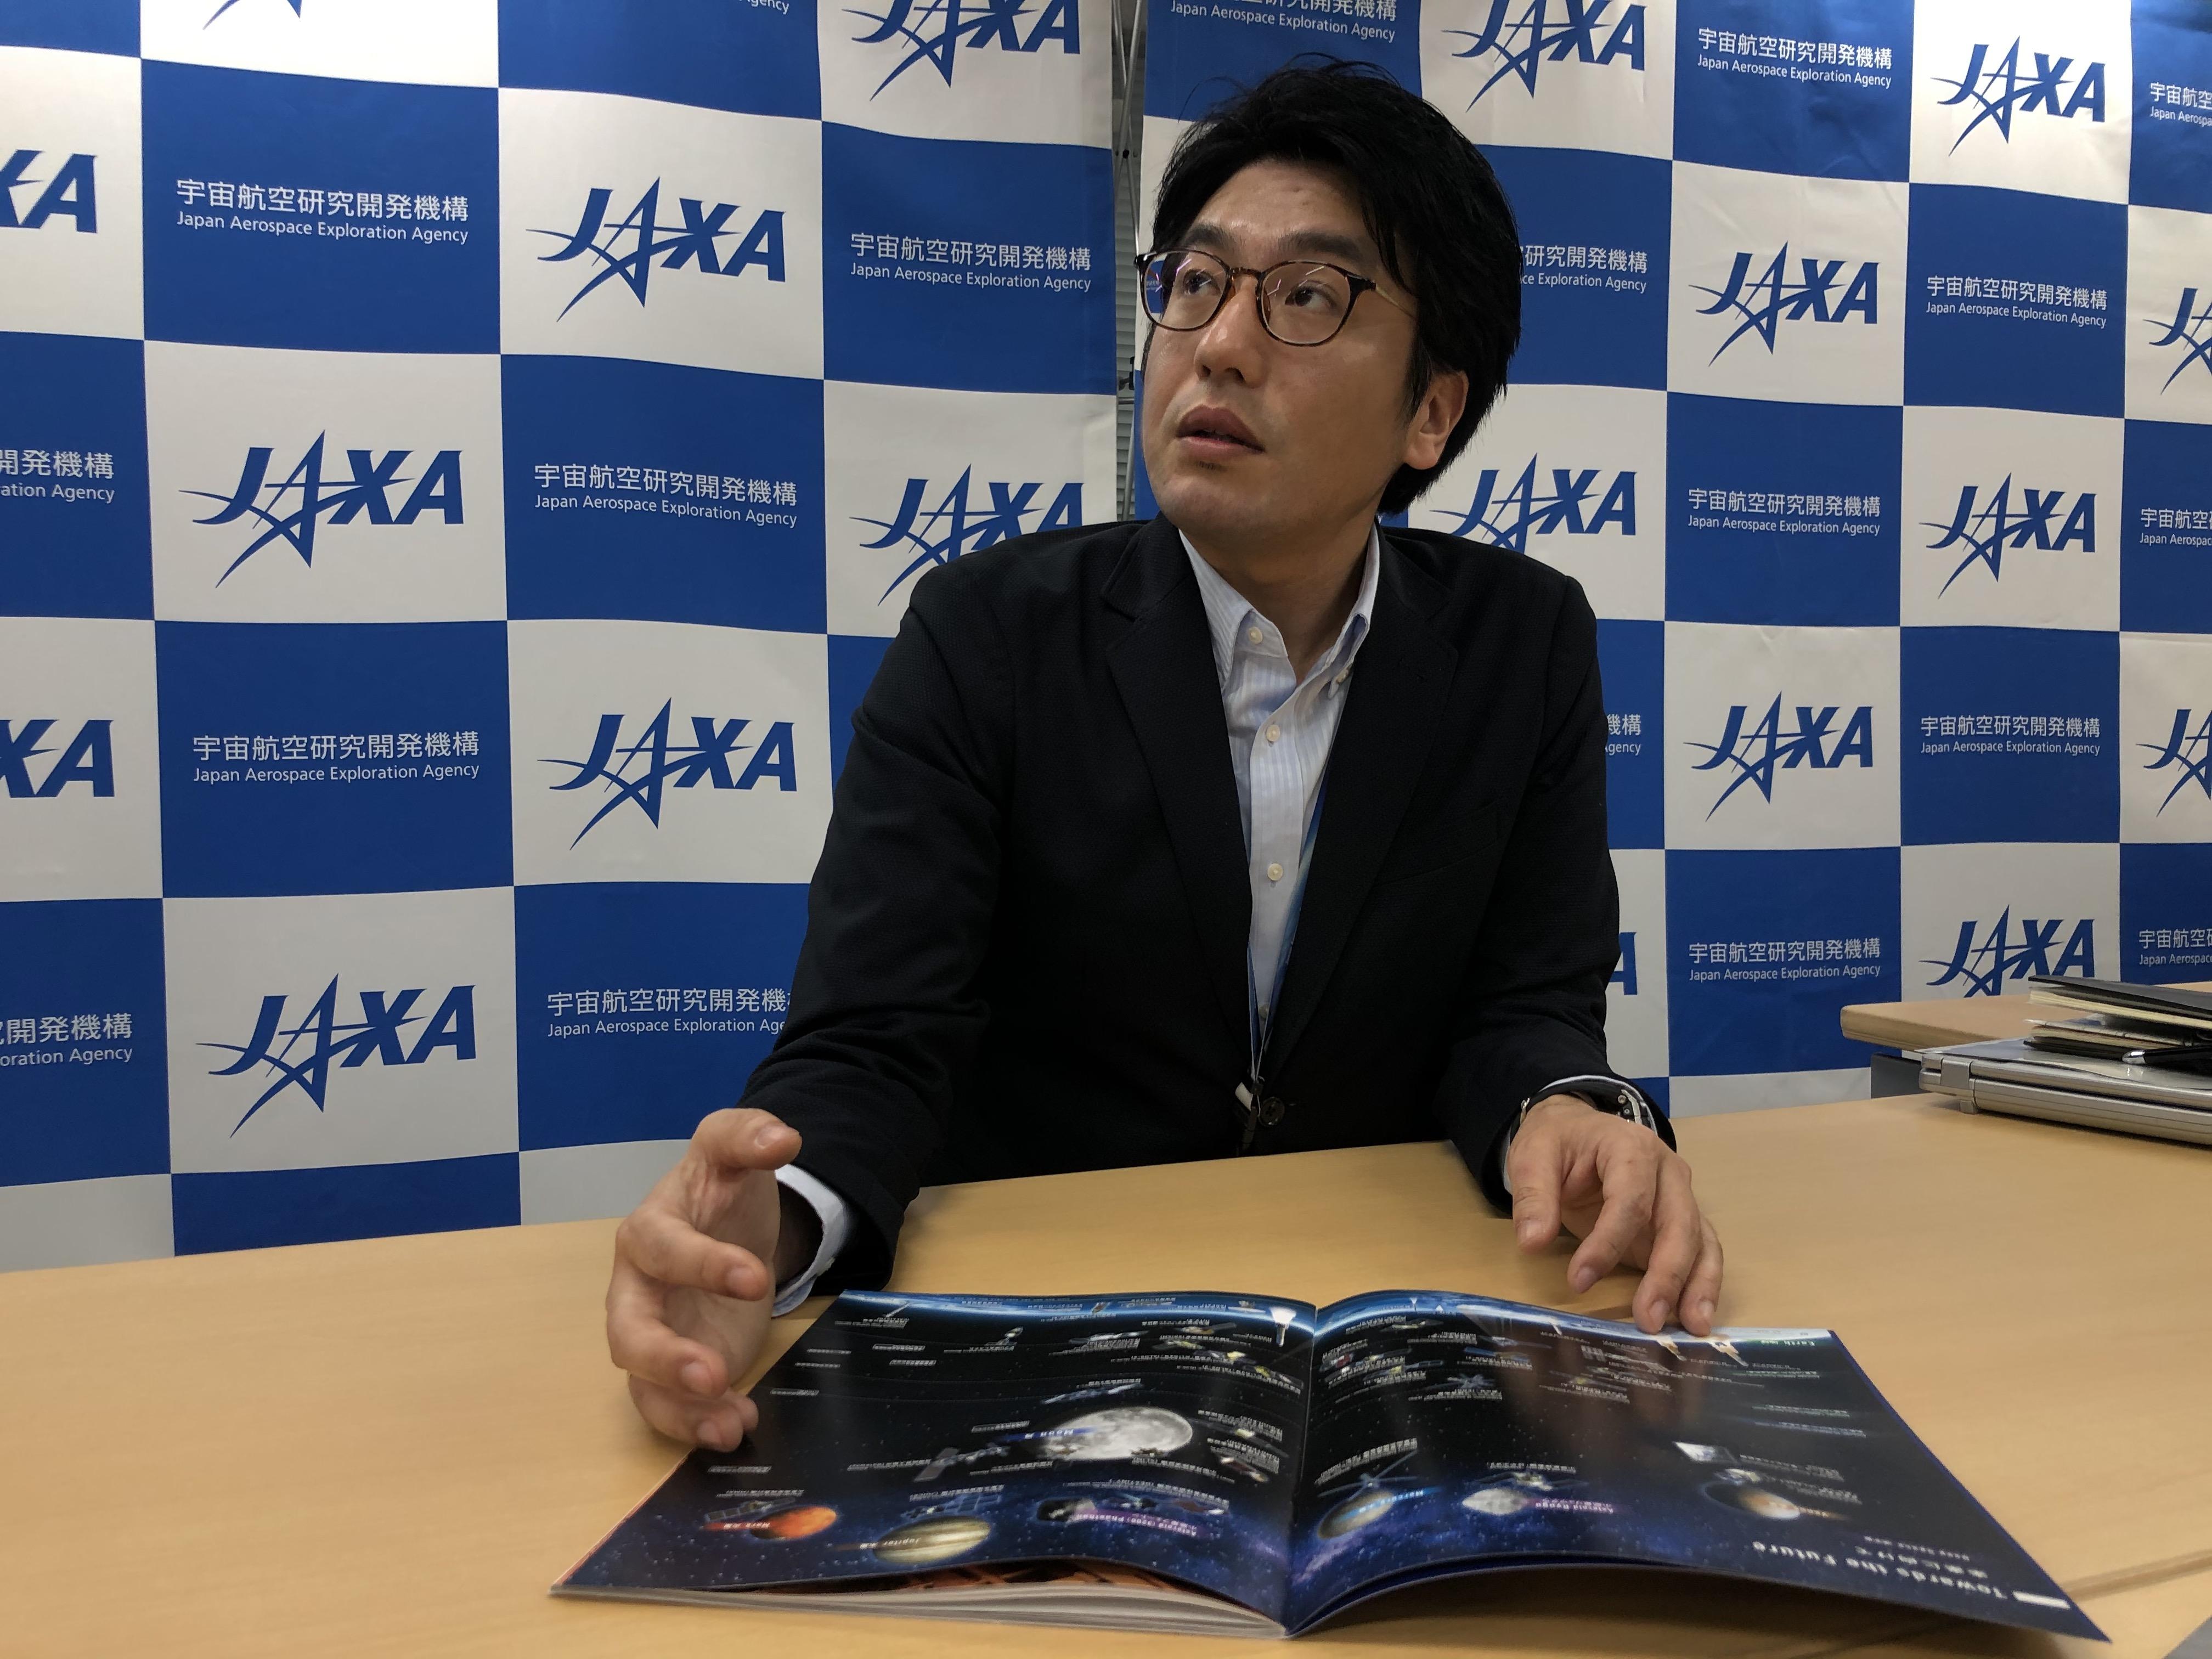 Masayuki Goto es el ingeniero de JAXA que, aunque no ha visitado Guatemala, es la persona que más conoce sobre el proyecto del Quetzal-1. (Foto Prensa Libre: Daniel Guillén Flores)